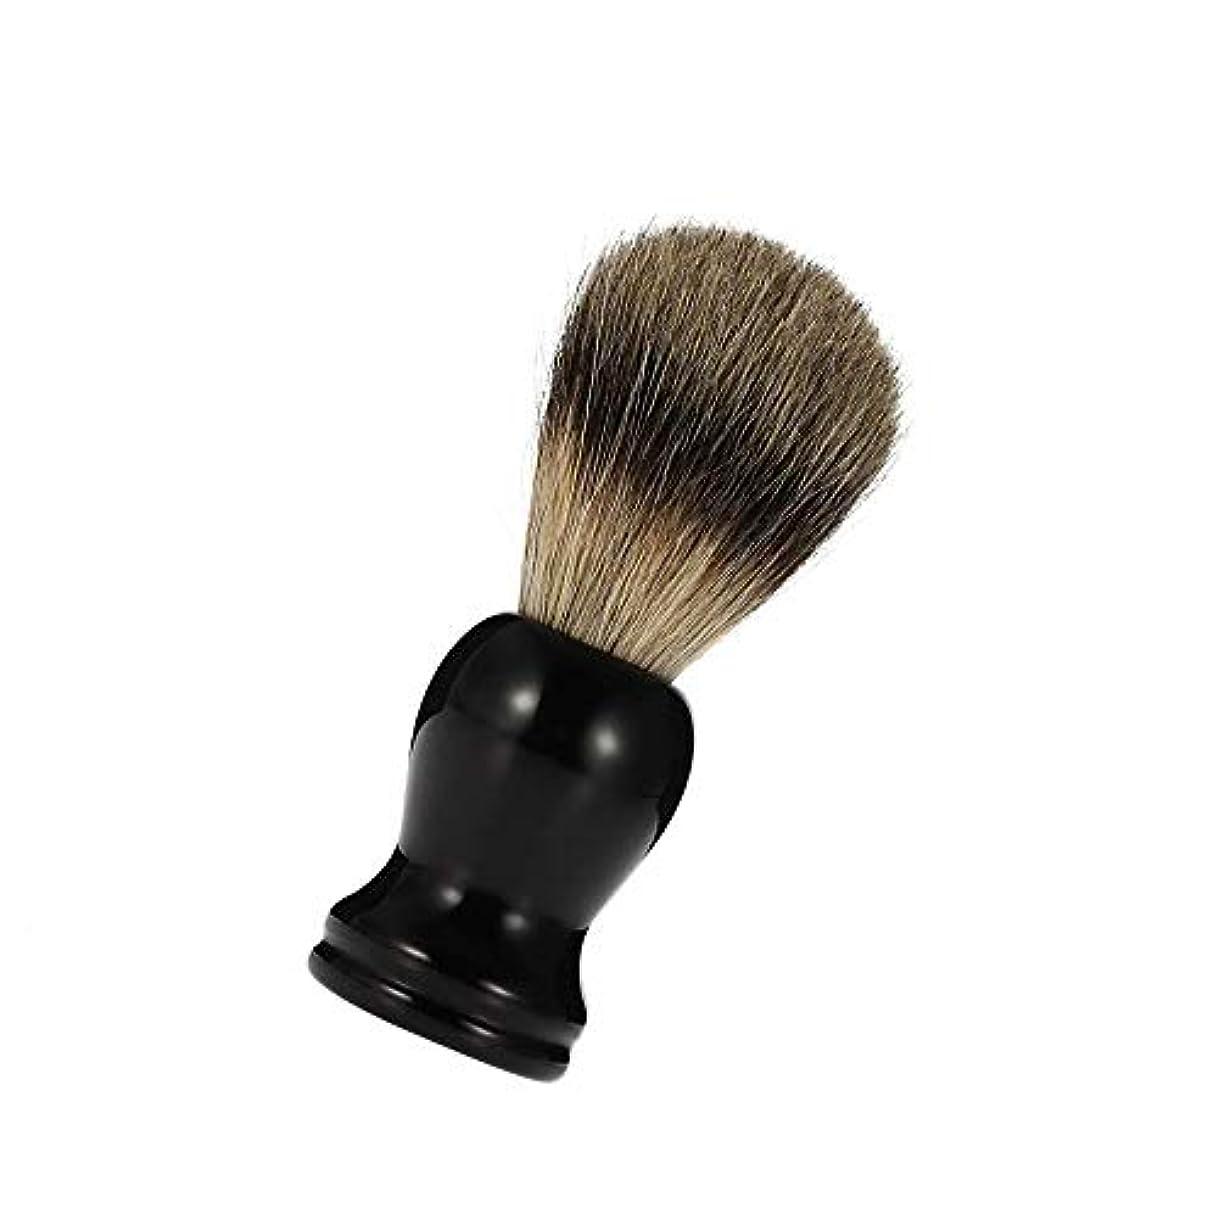 識字失効希少性1本セット 泡立ち理容 洗顔 髭剃りメンズシェービング用ブラシ